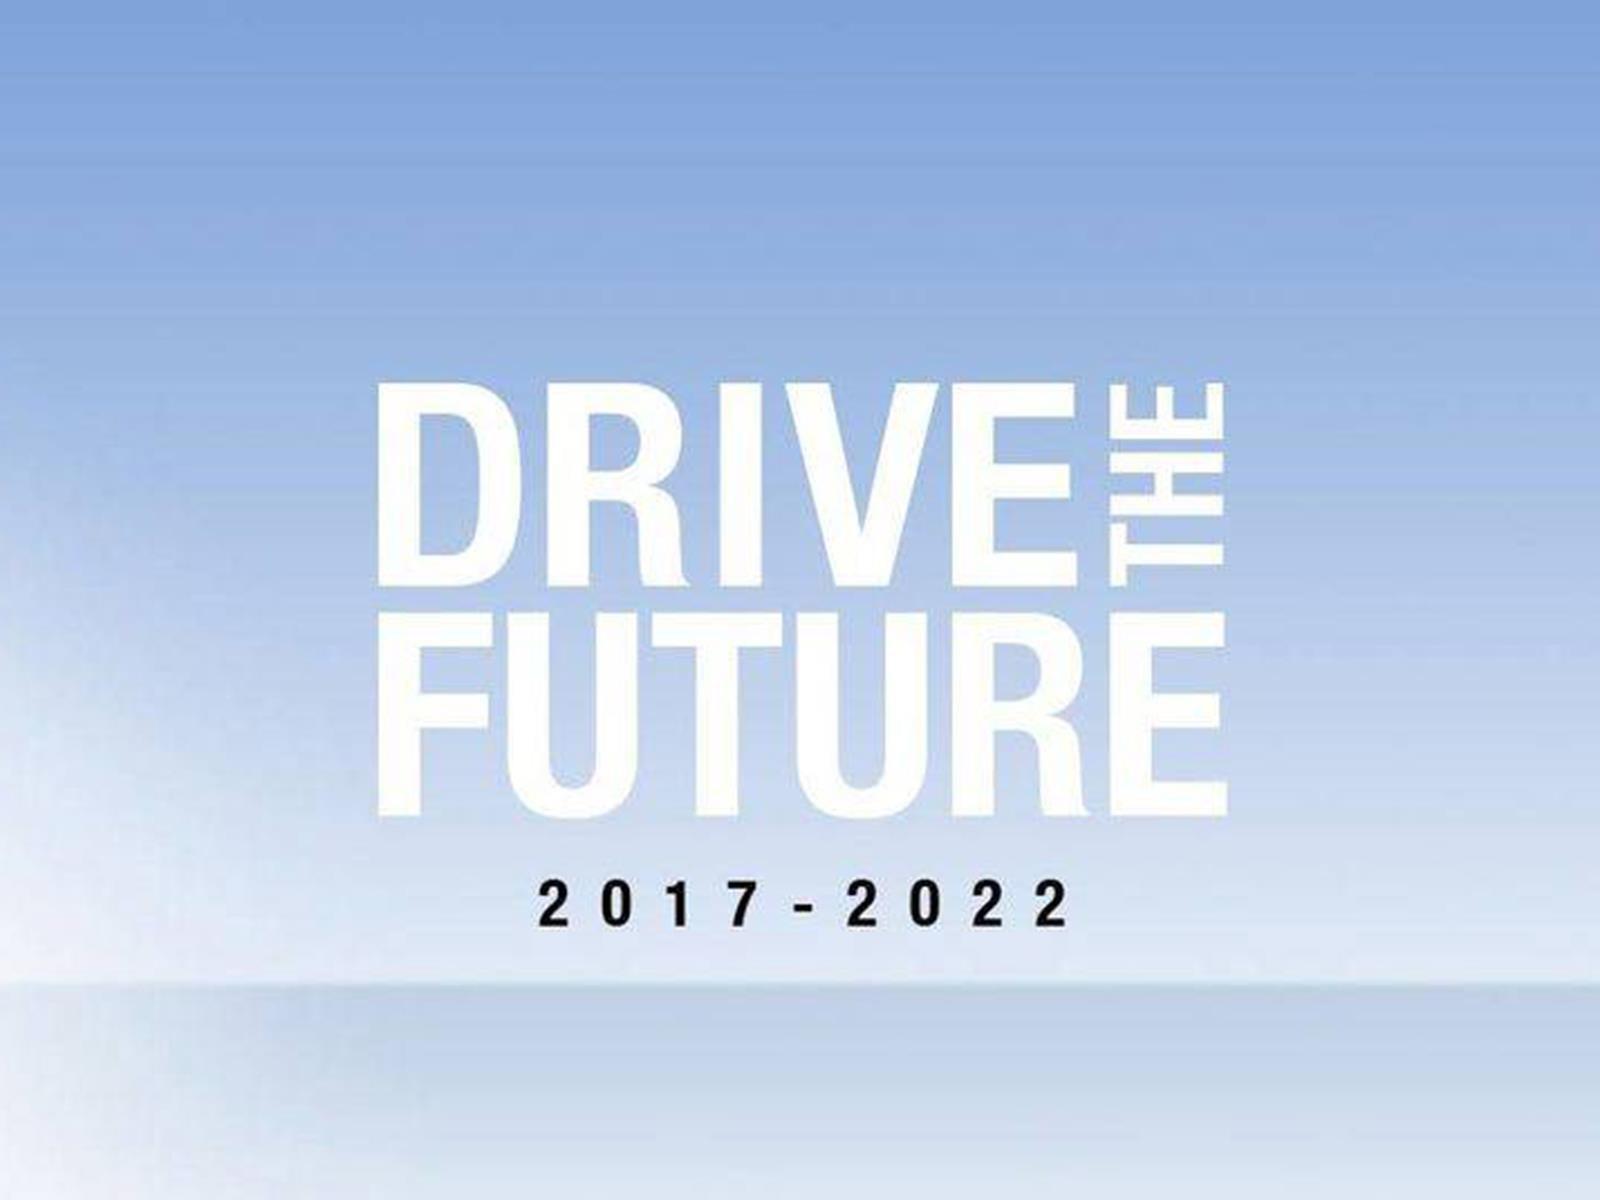 Drive the Future, el plan estratégico de Renault para 2022